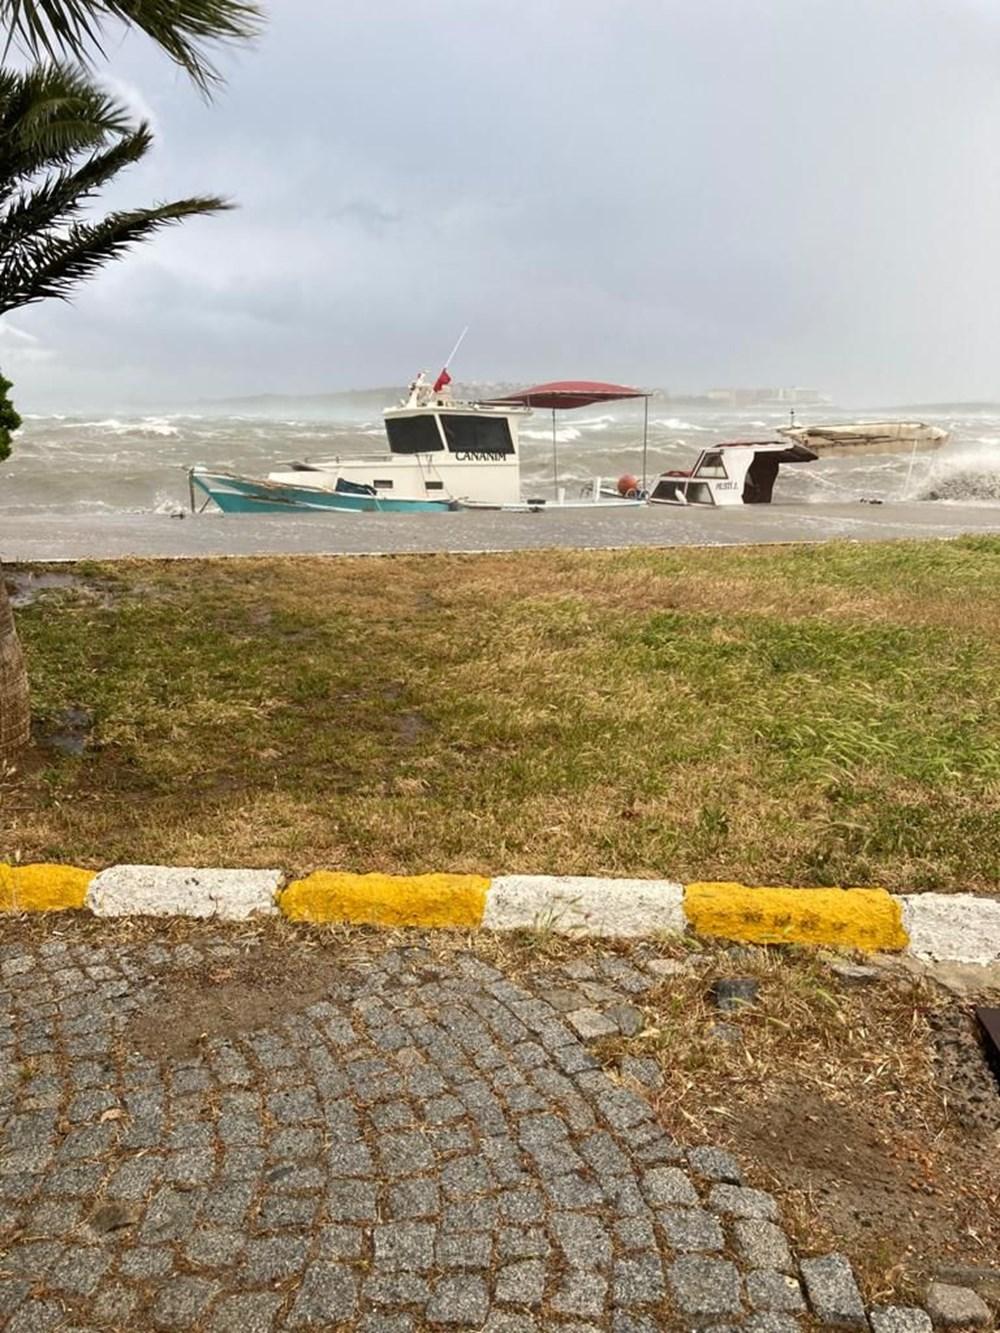 Ayvalık'ta fırtına: 20 tekne battı - 12